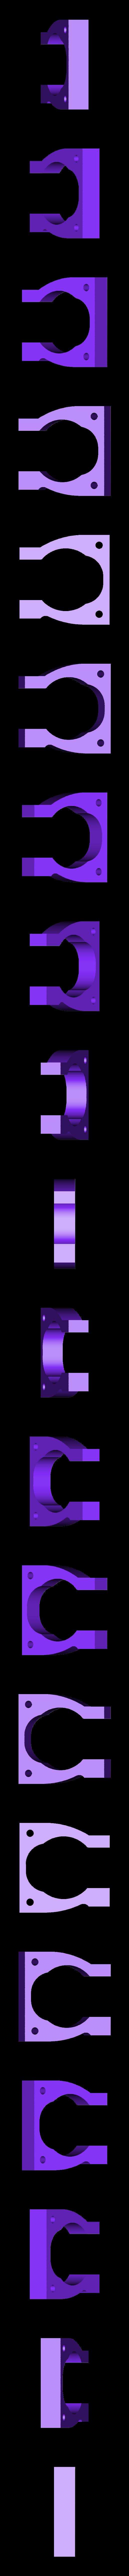 Bike_horn_holder2.stl Télécharger fichier STL gratuit Klaxon MP3 pour vélo • Modèle pour impression 3D, mschiller